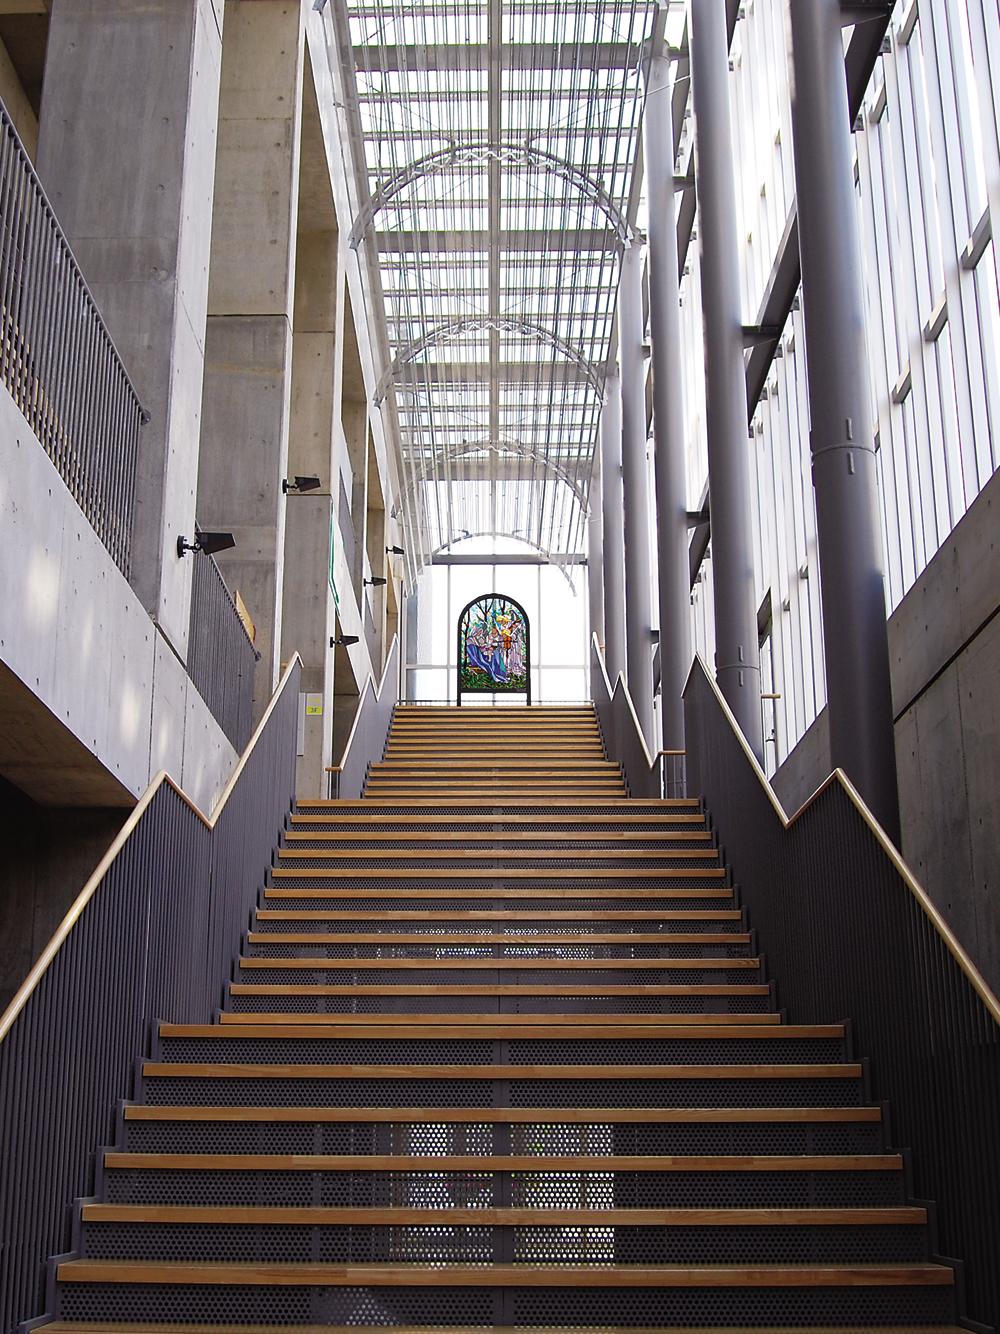 サレジオ工業高等専門学校ギャラリー